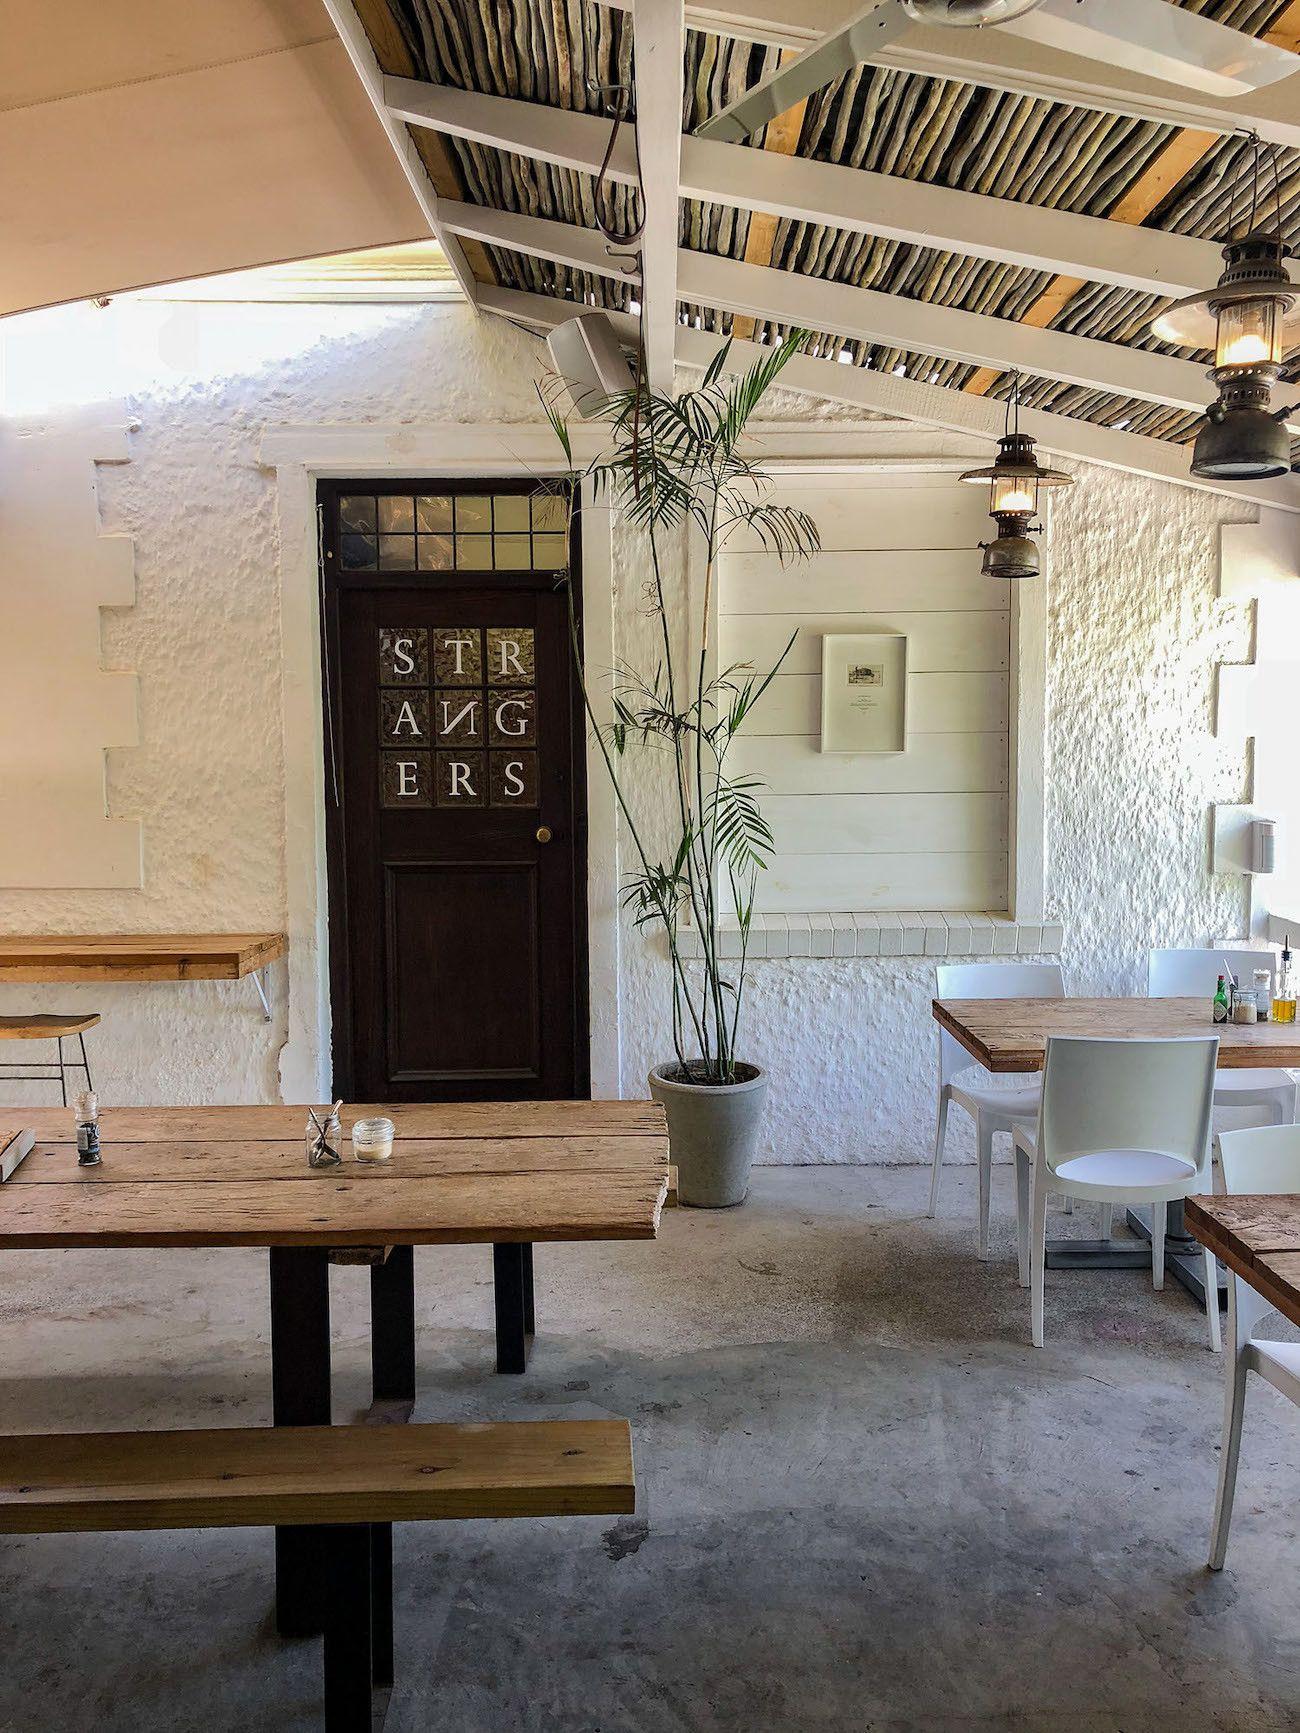 Frühstücks - und Brunch Guide für Kapstadt, The Strangers Club, Interieur, Bank, Tisch